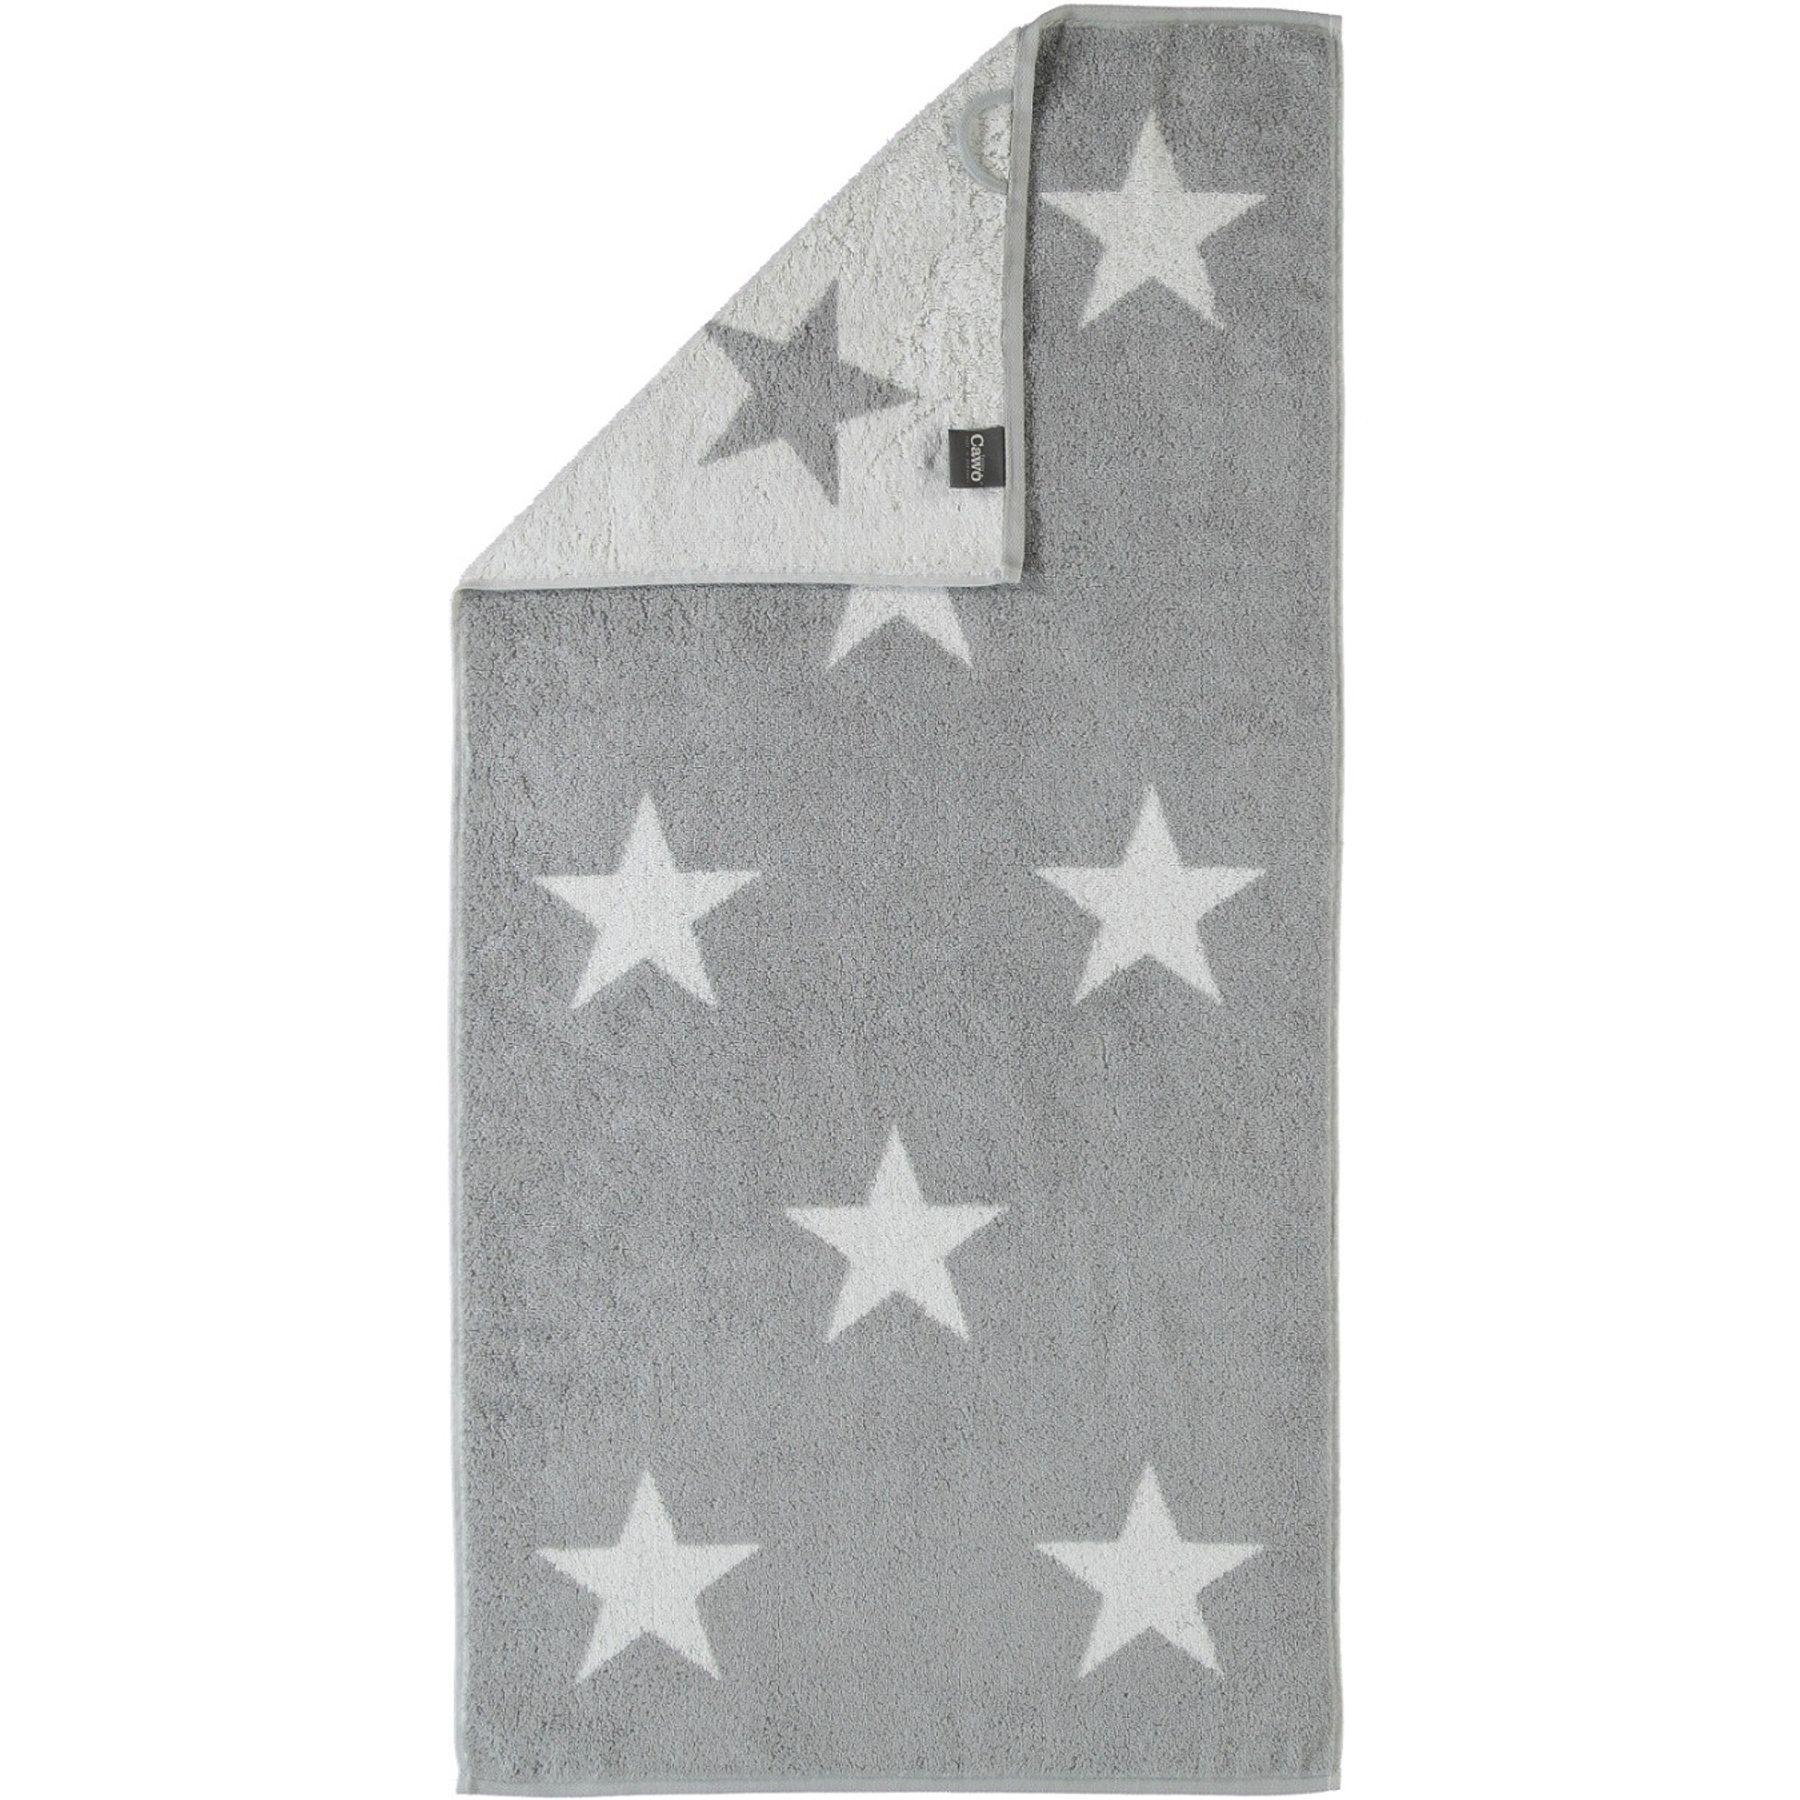 Cawö - Frottier Tuch mit Sternen Muster in verschiedenen Farben und Größen (524) – Bild 3